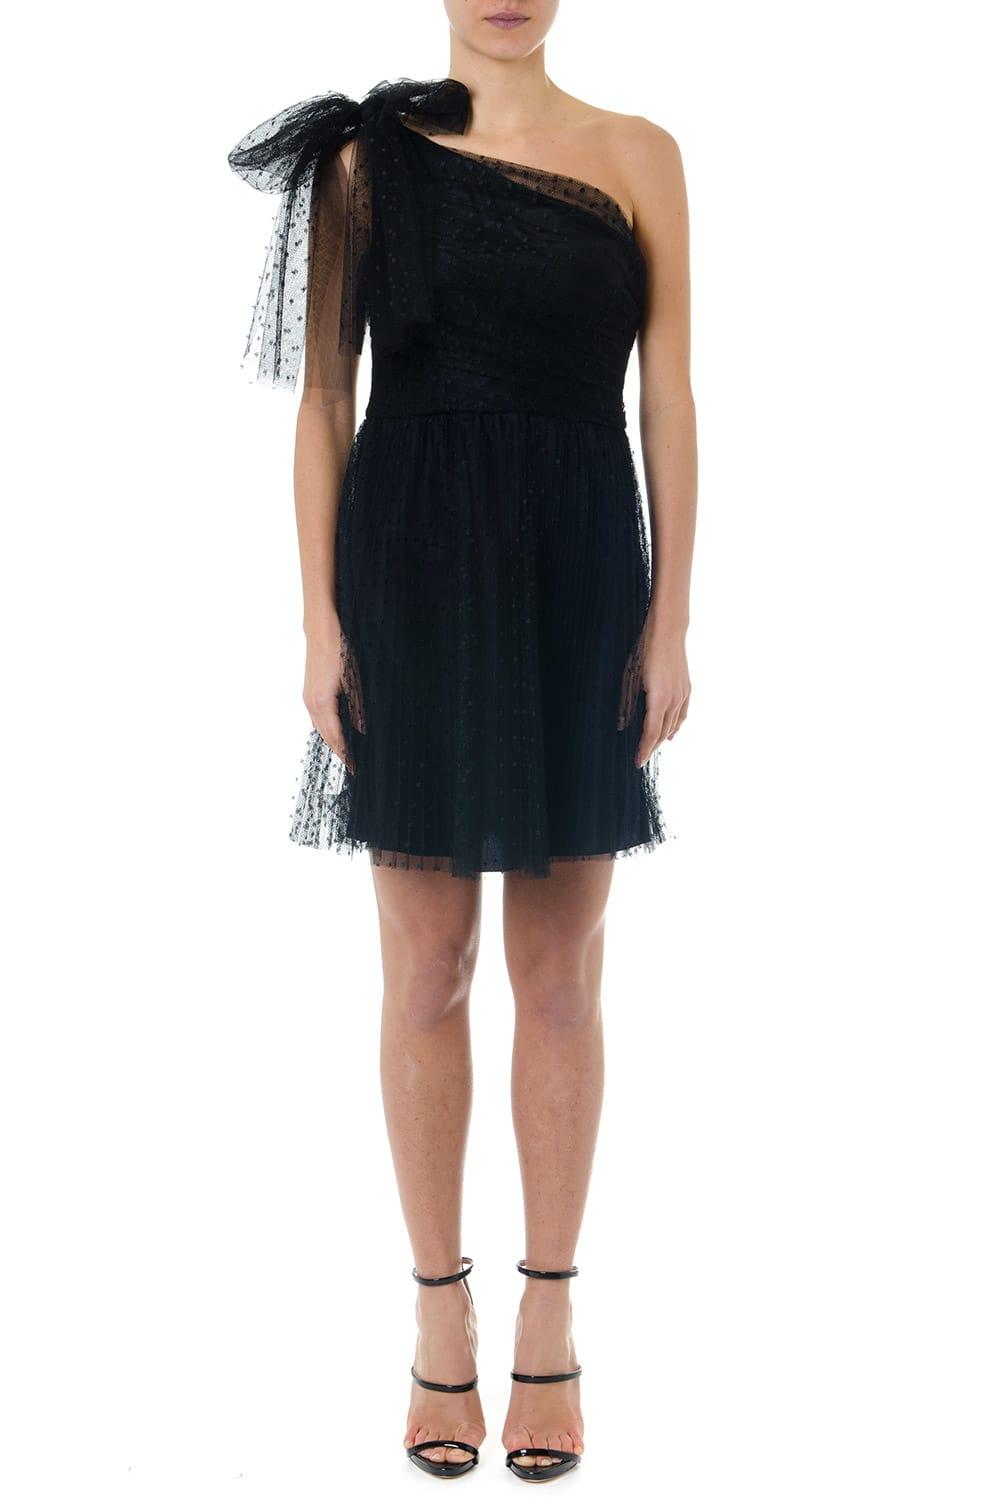 RED Valentino Black One Shoulder Polka Dots Short Dress